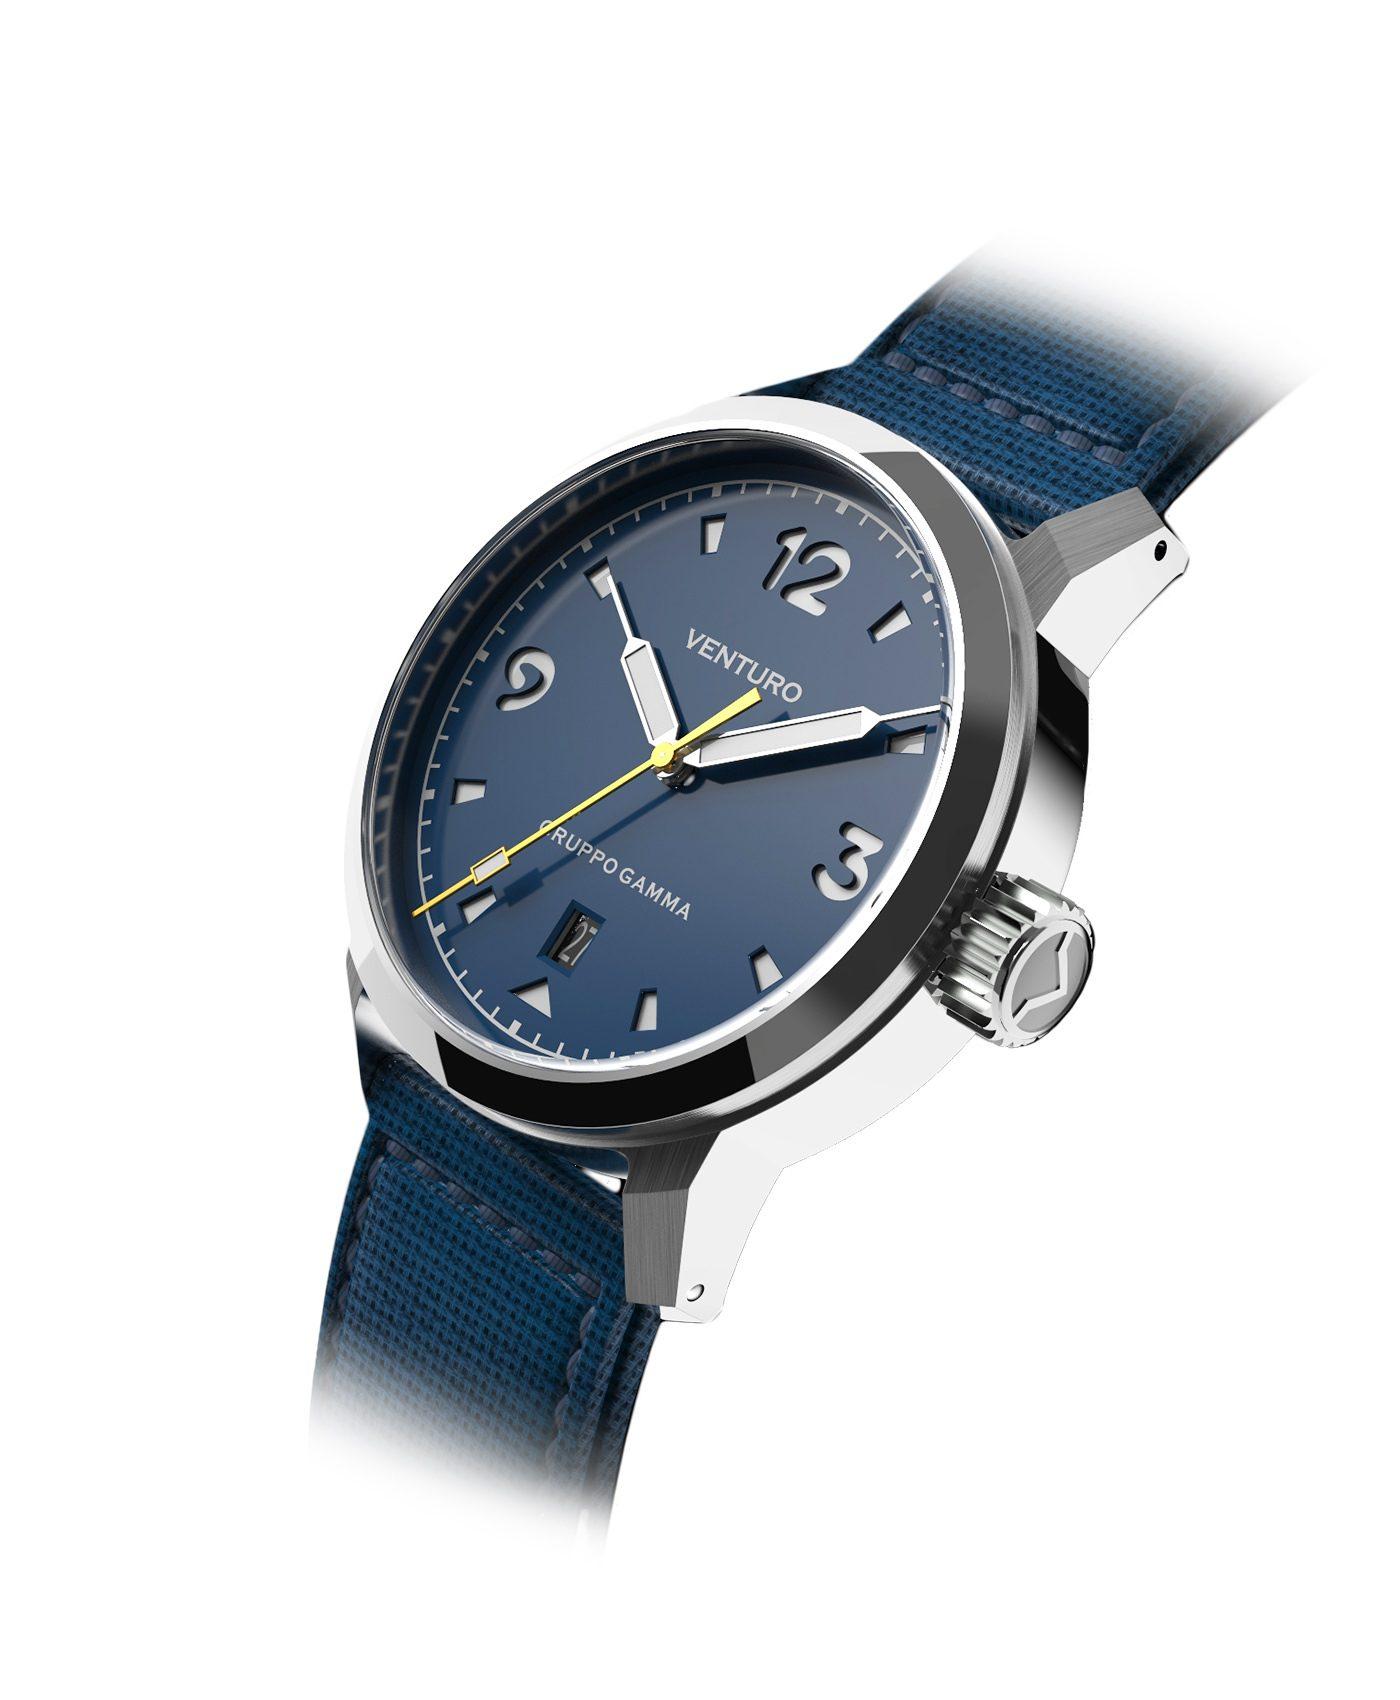 Venturo - Field Watch - Blue Dial & BGW9 markers